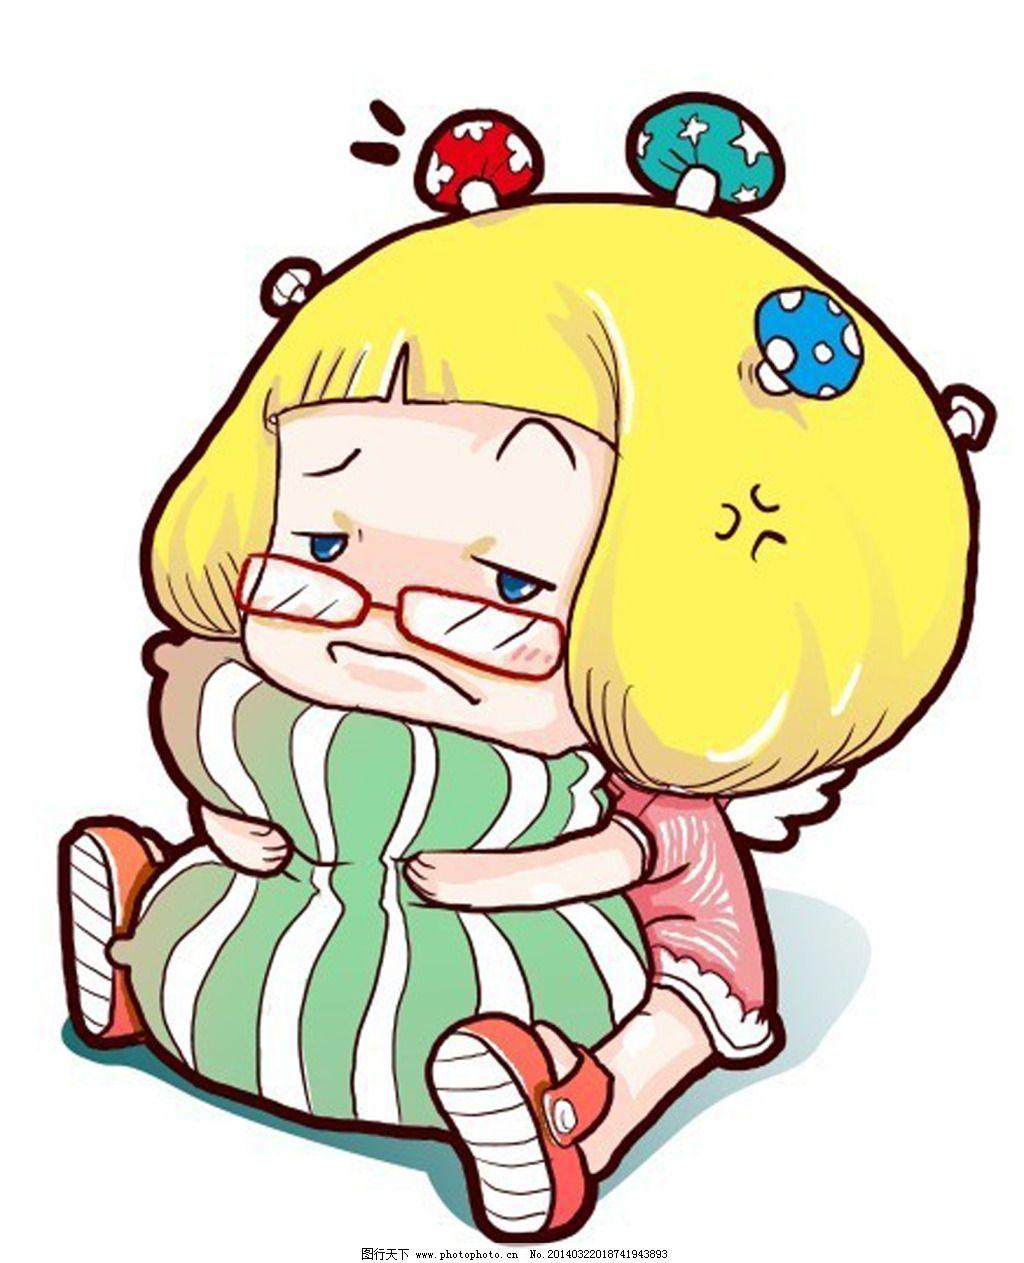 卡通胖女孩免费下载 卡通 卡通 胖女孩 可怜 图片素材 卡通|动漫|可爱